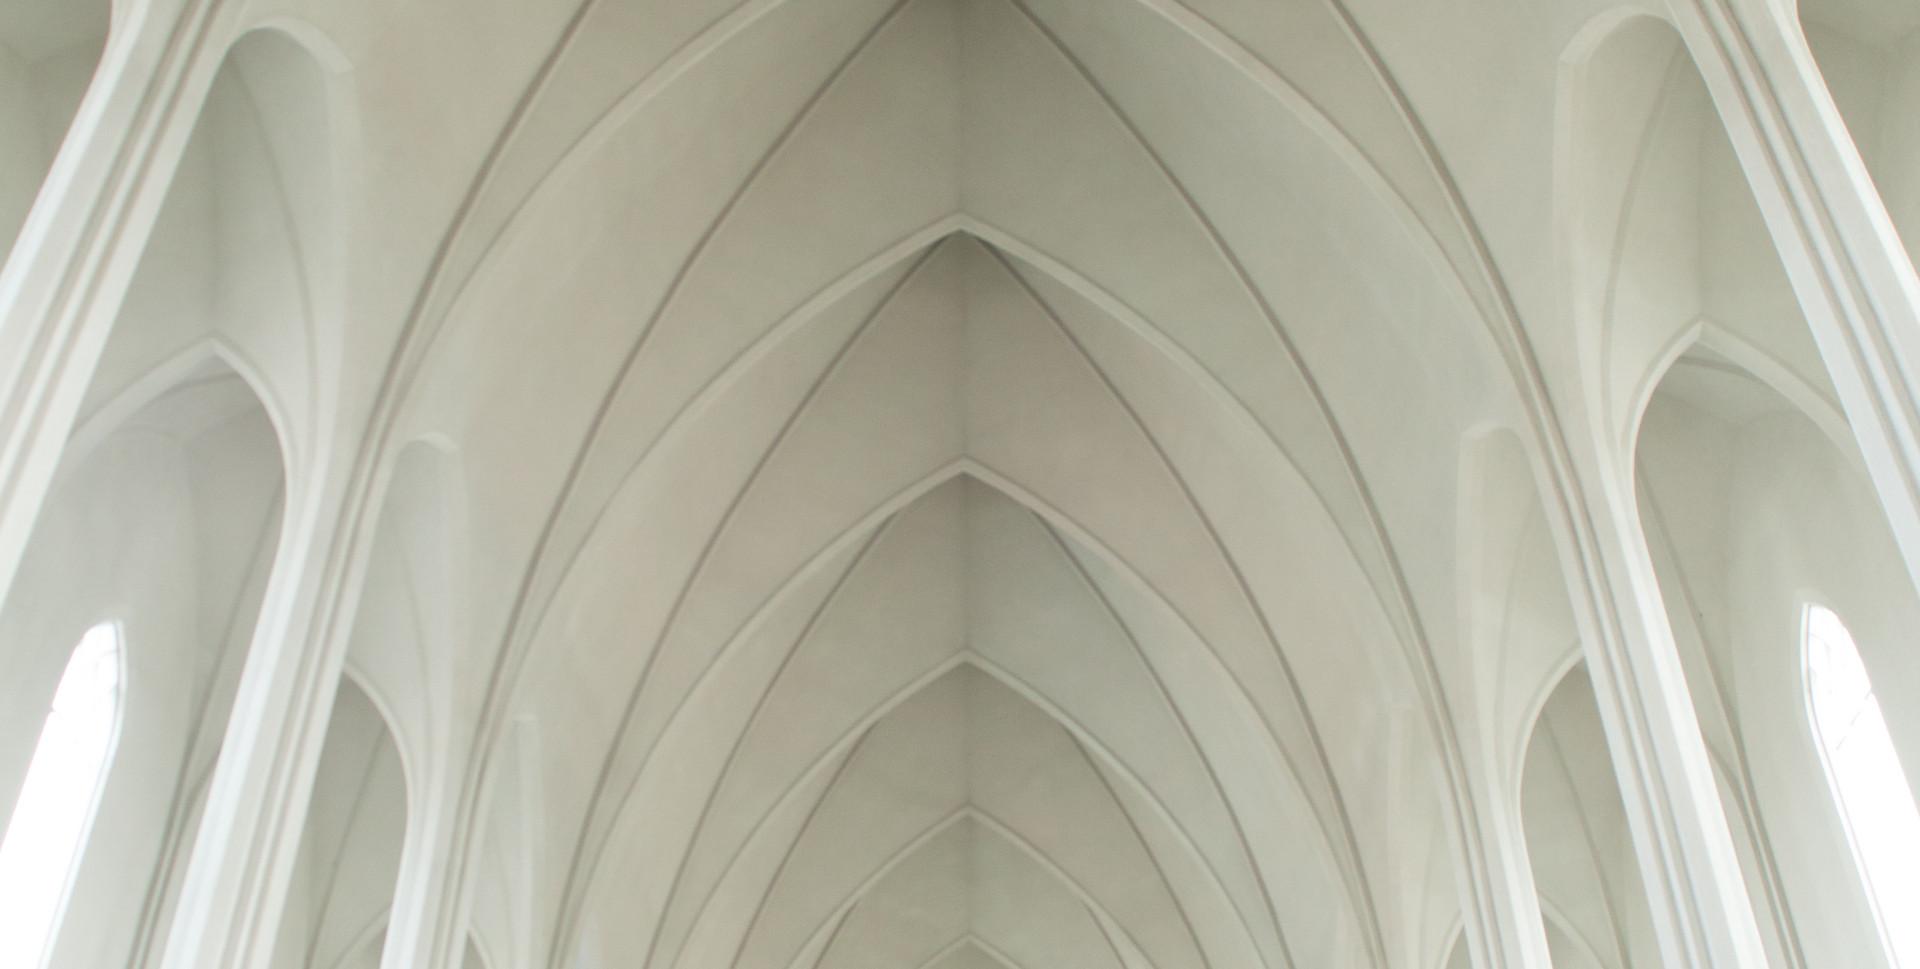 화이트 아치형 천장